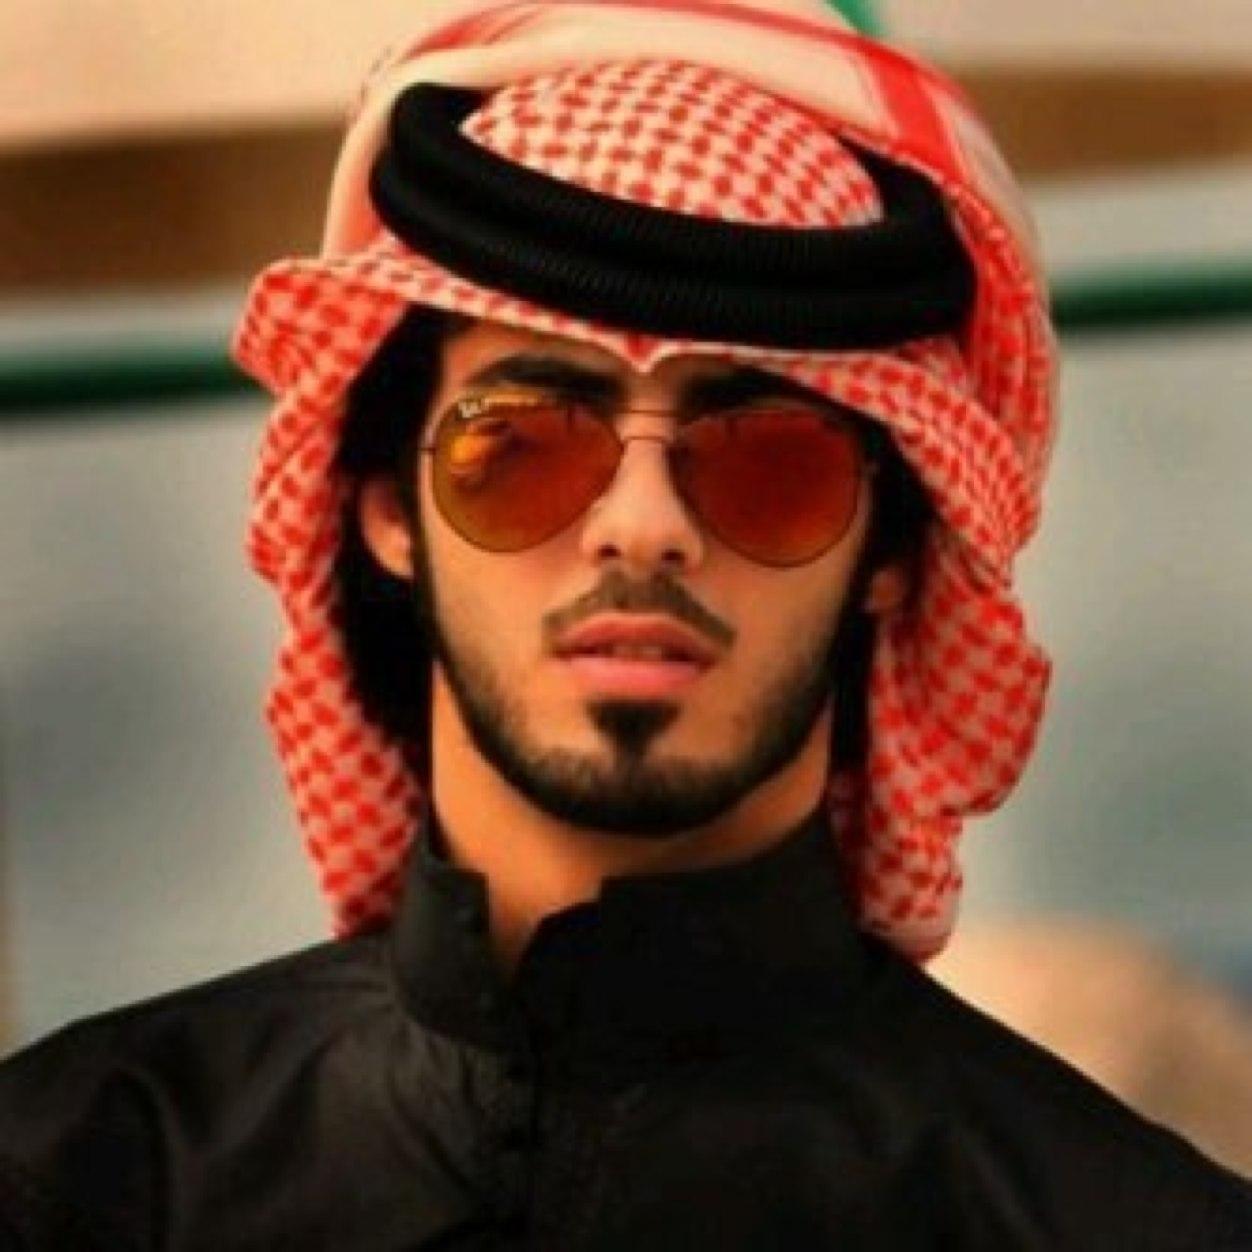 صورة اجمل صور شباب السعوديه , خلفيات اولاد بلبس انيق